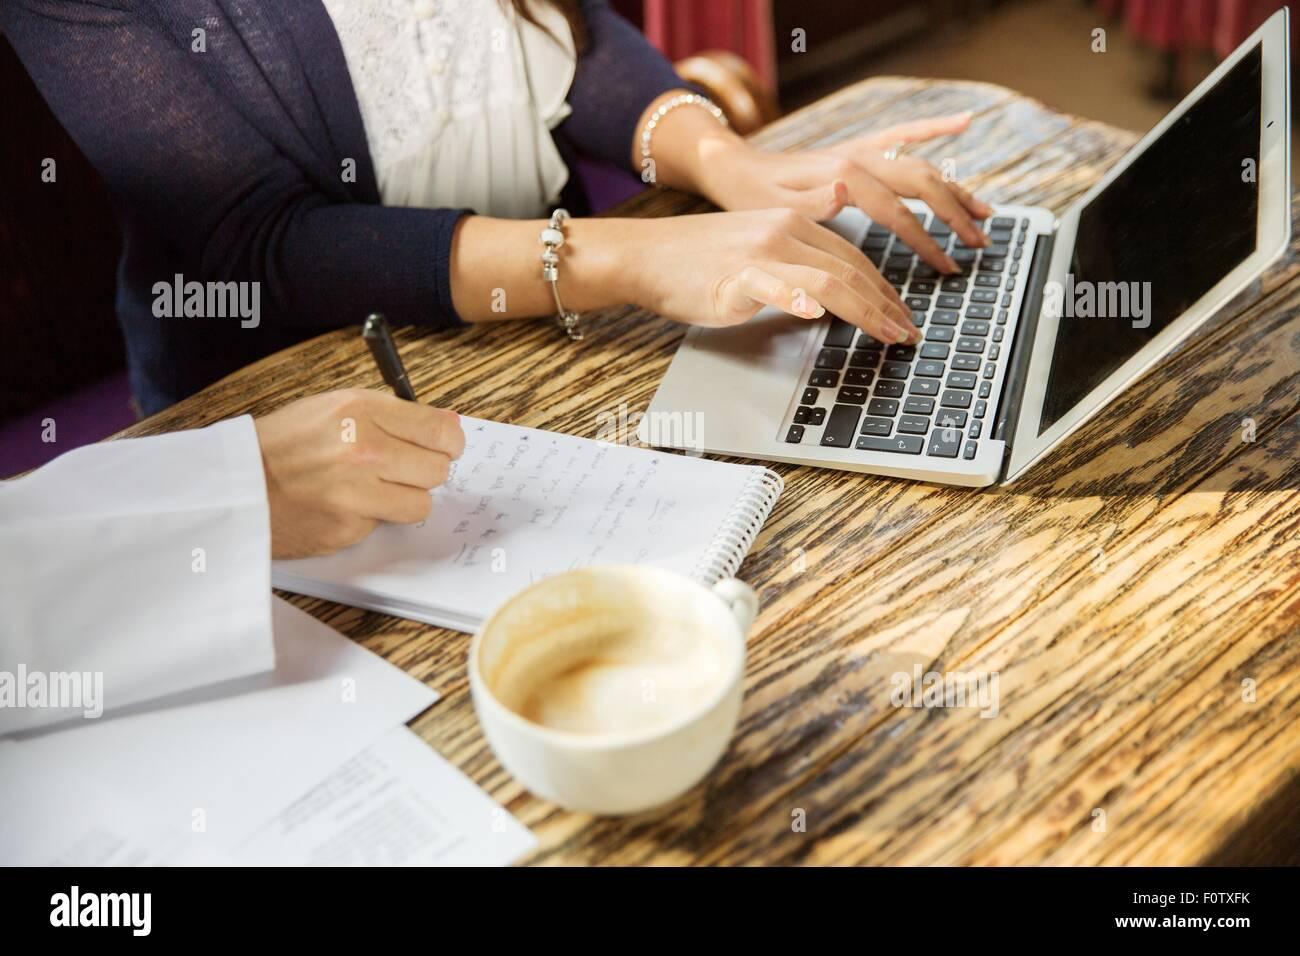 Nahaufnahme der Paare Hände mit Laptop, schreiben, beschnitten Stockbild